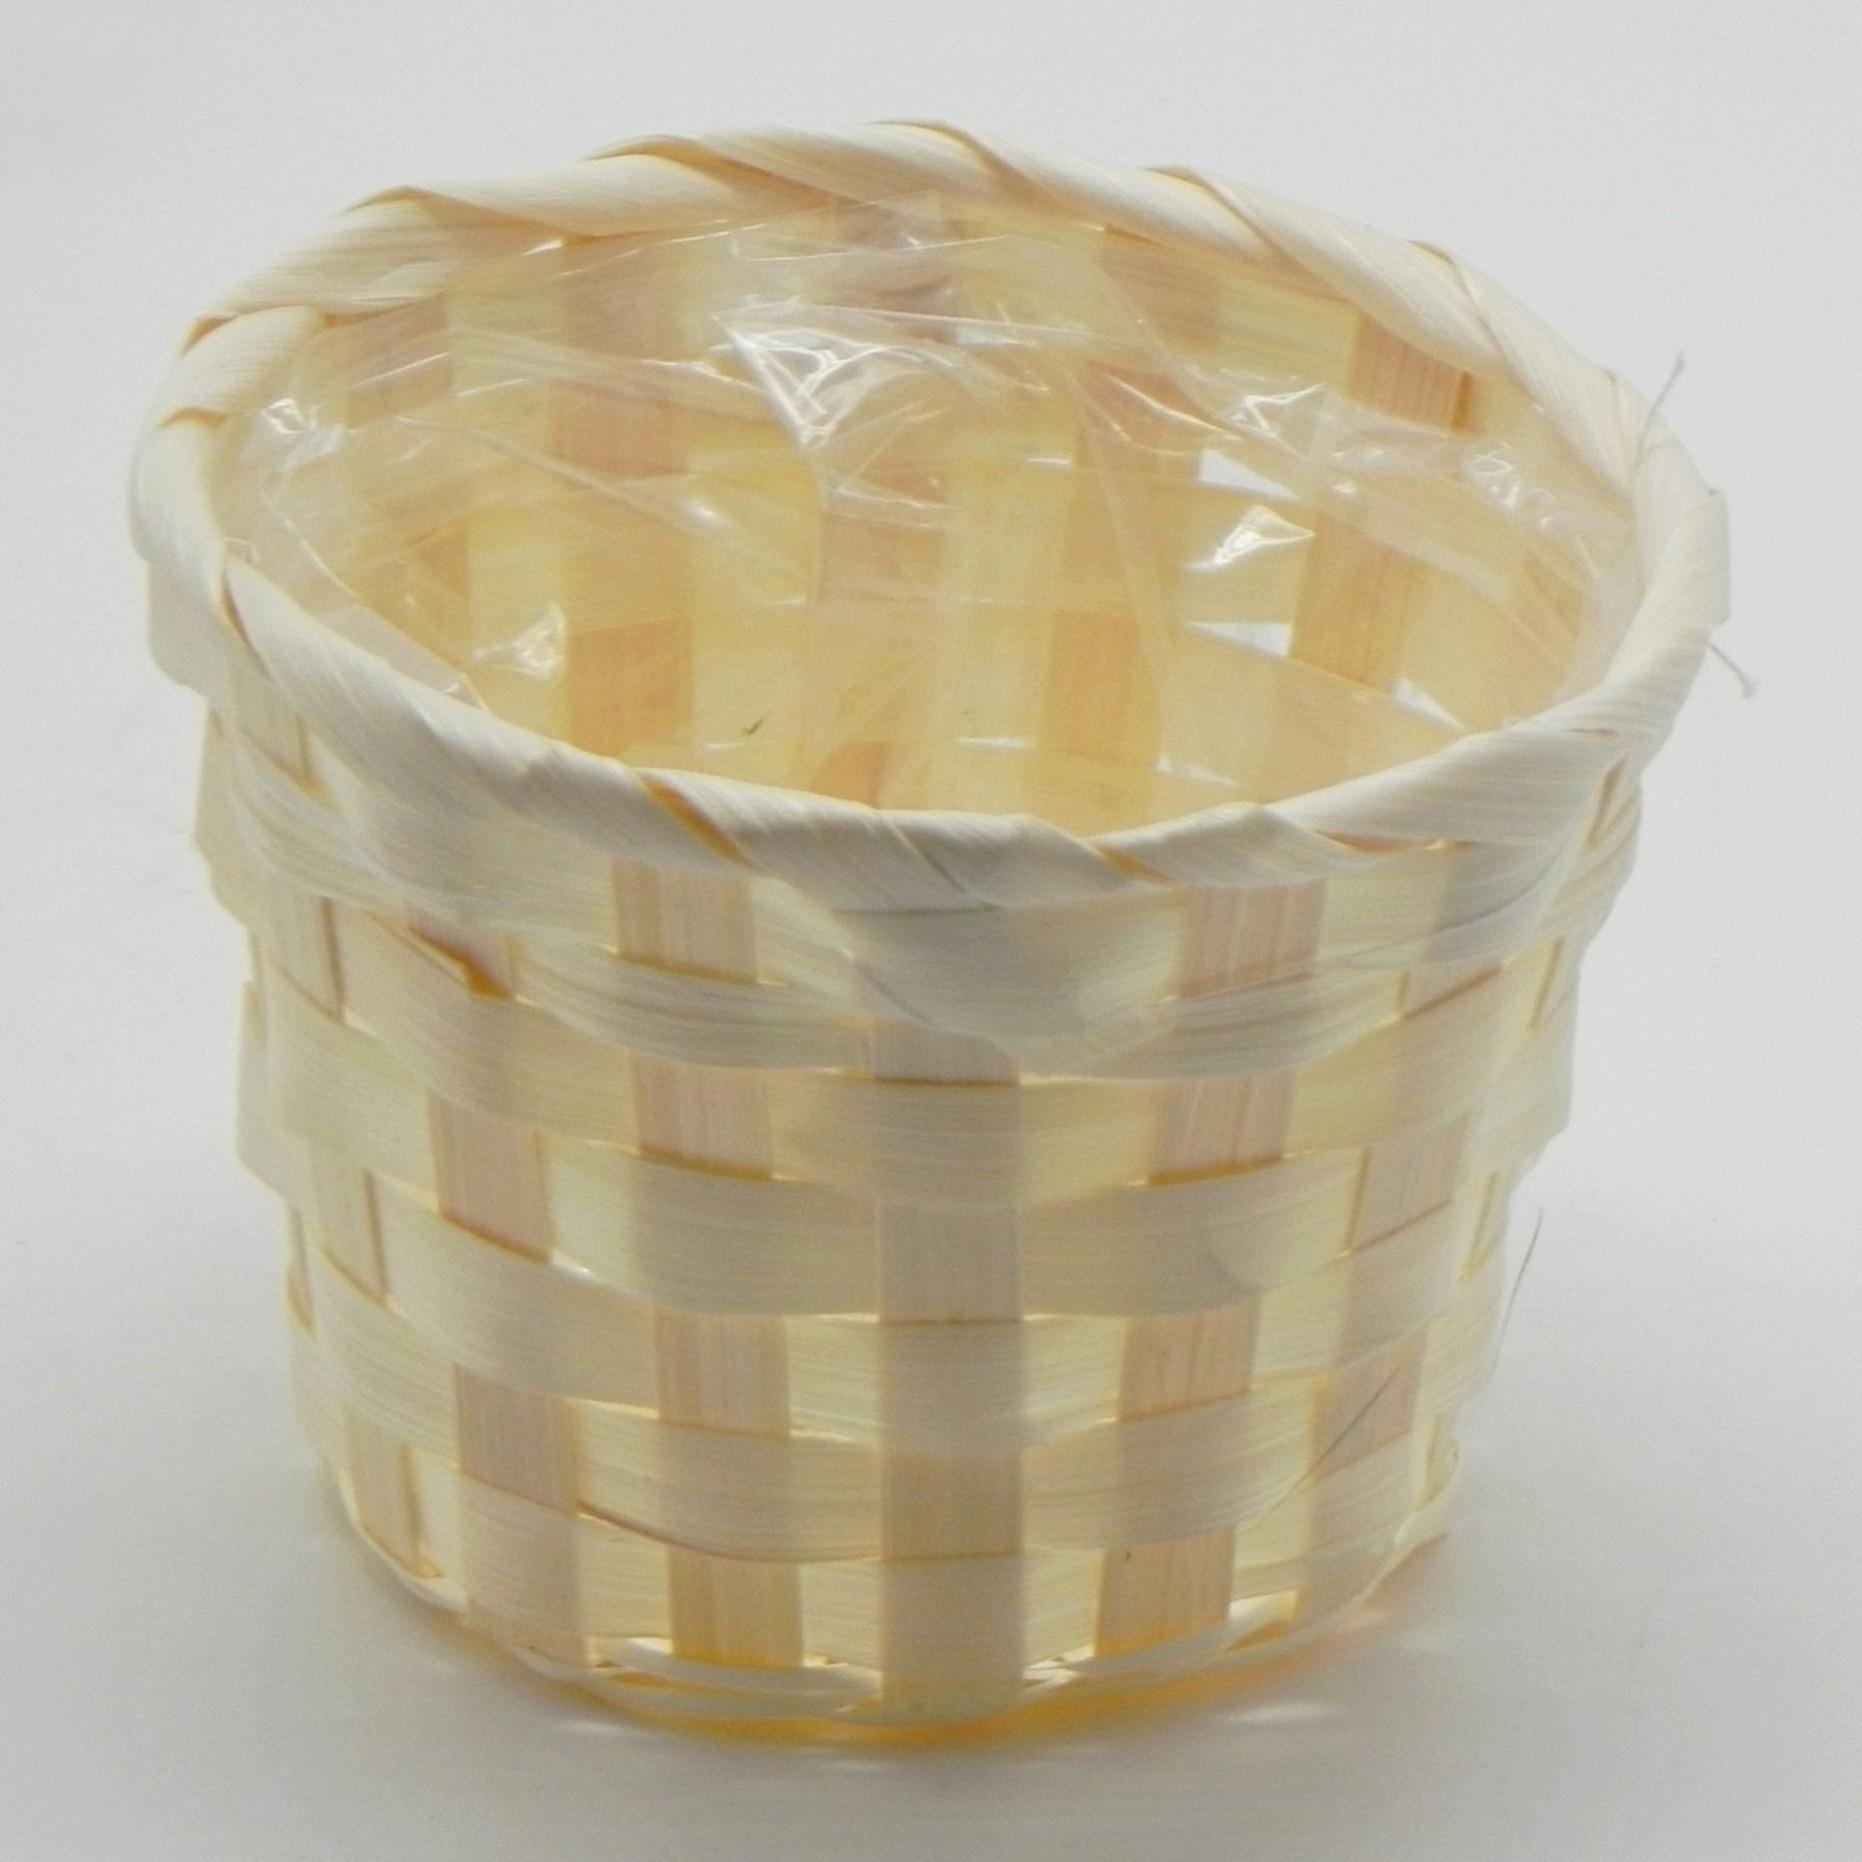 Koš bambus natural Barva: světlá, Provedení: Menší